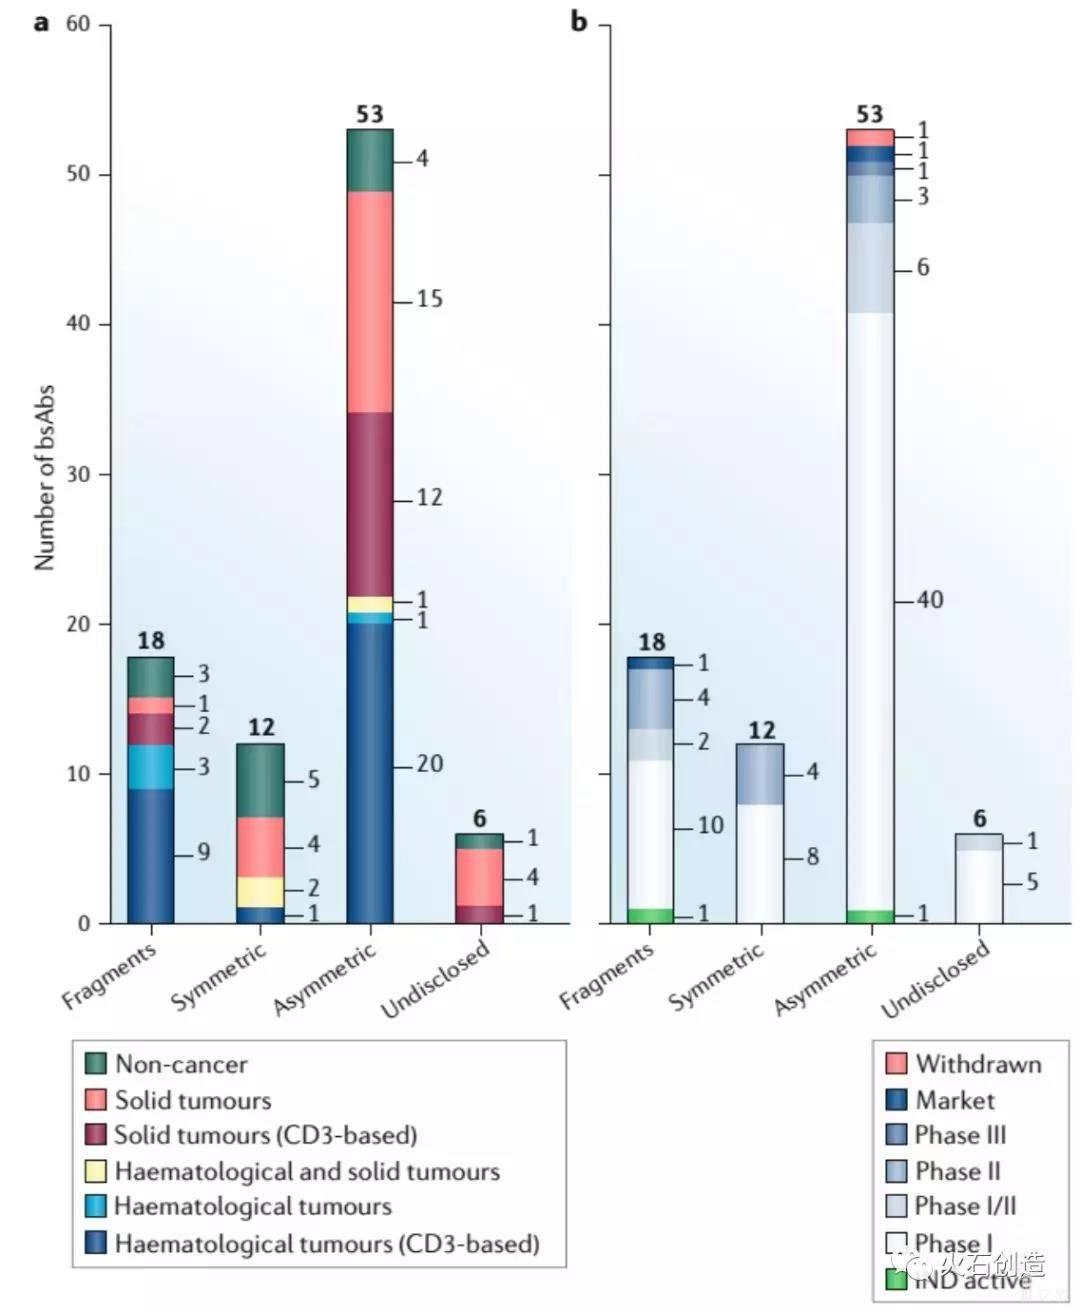 亿欧智库:双特异性抗体临床研究启动情况